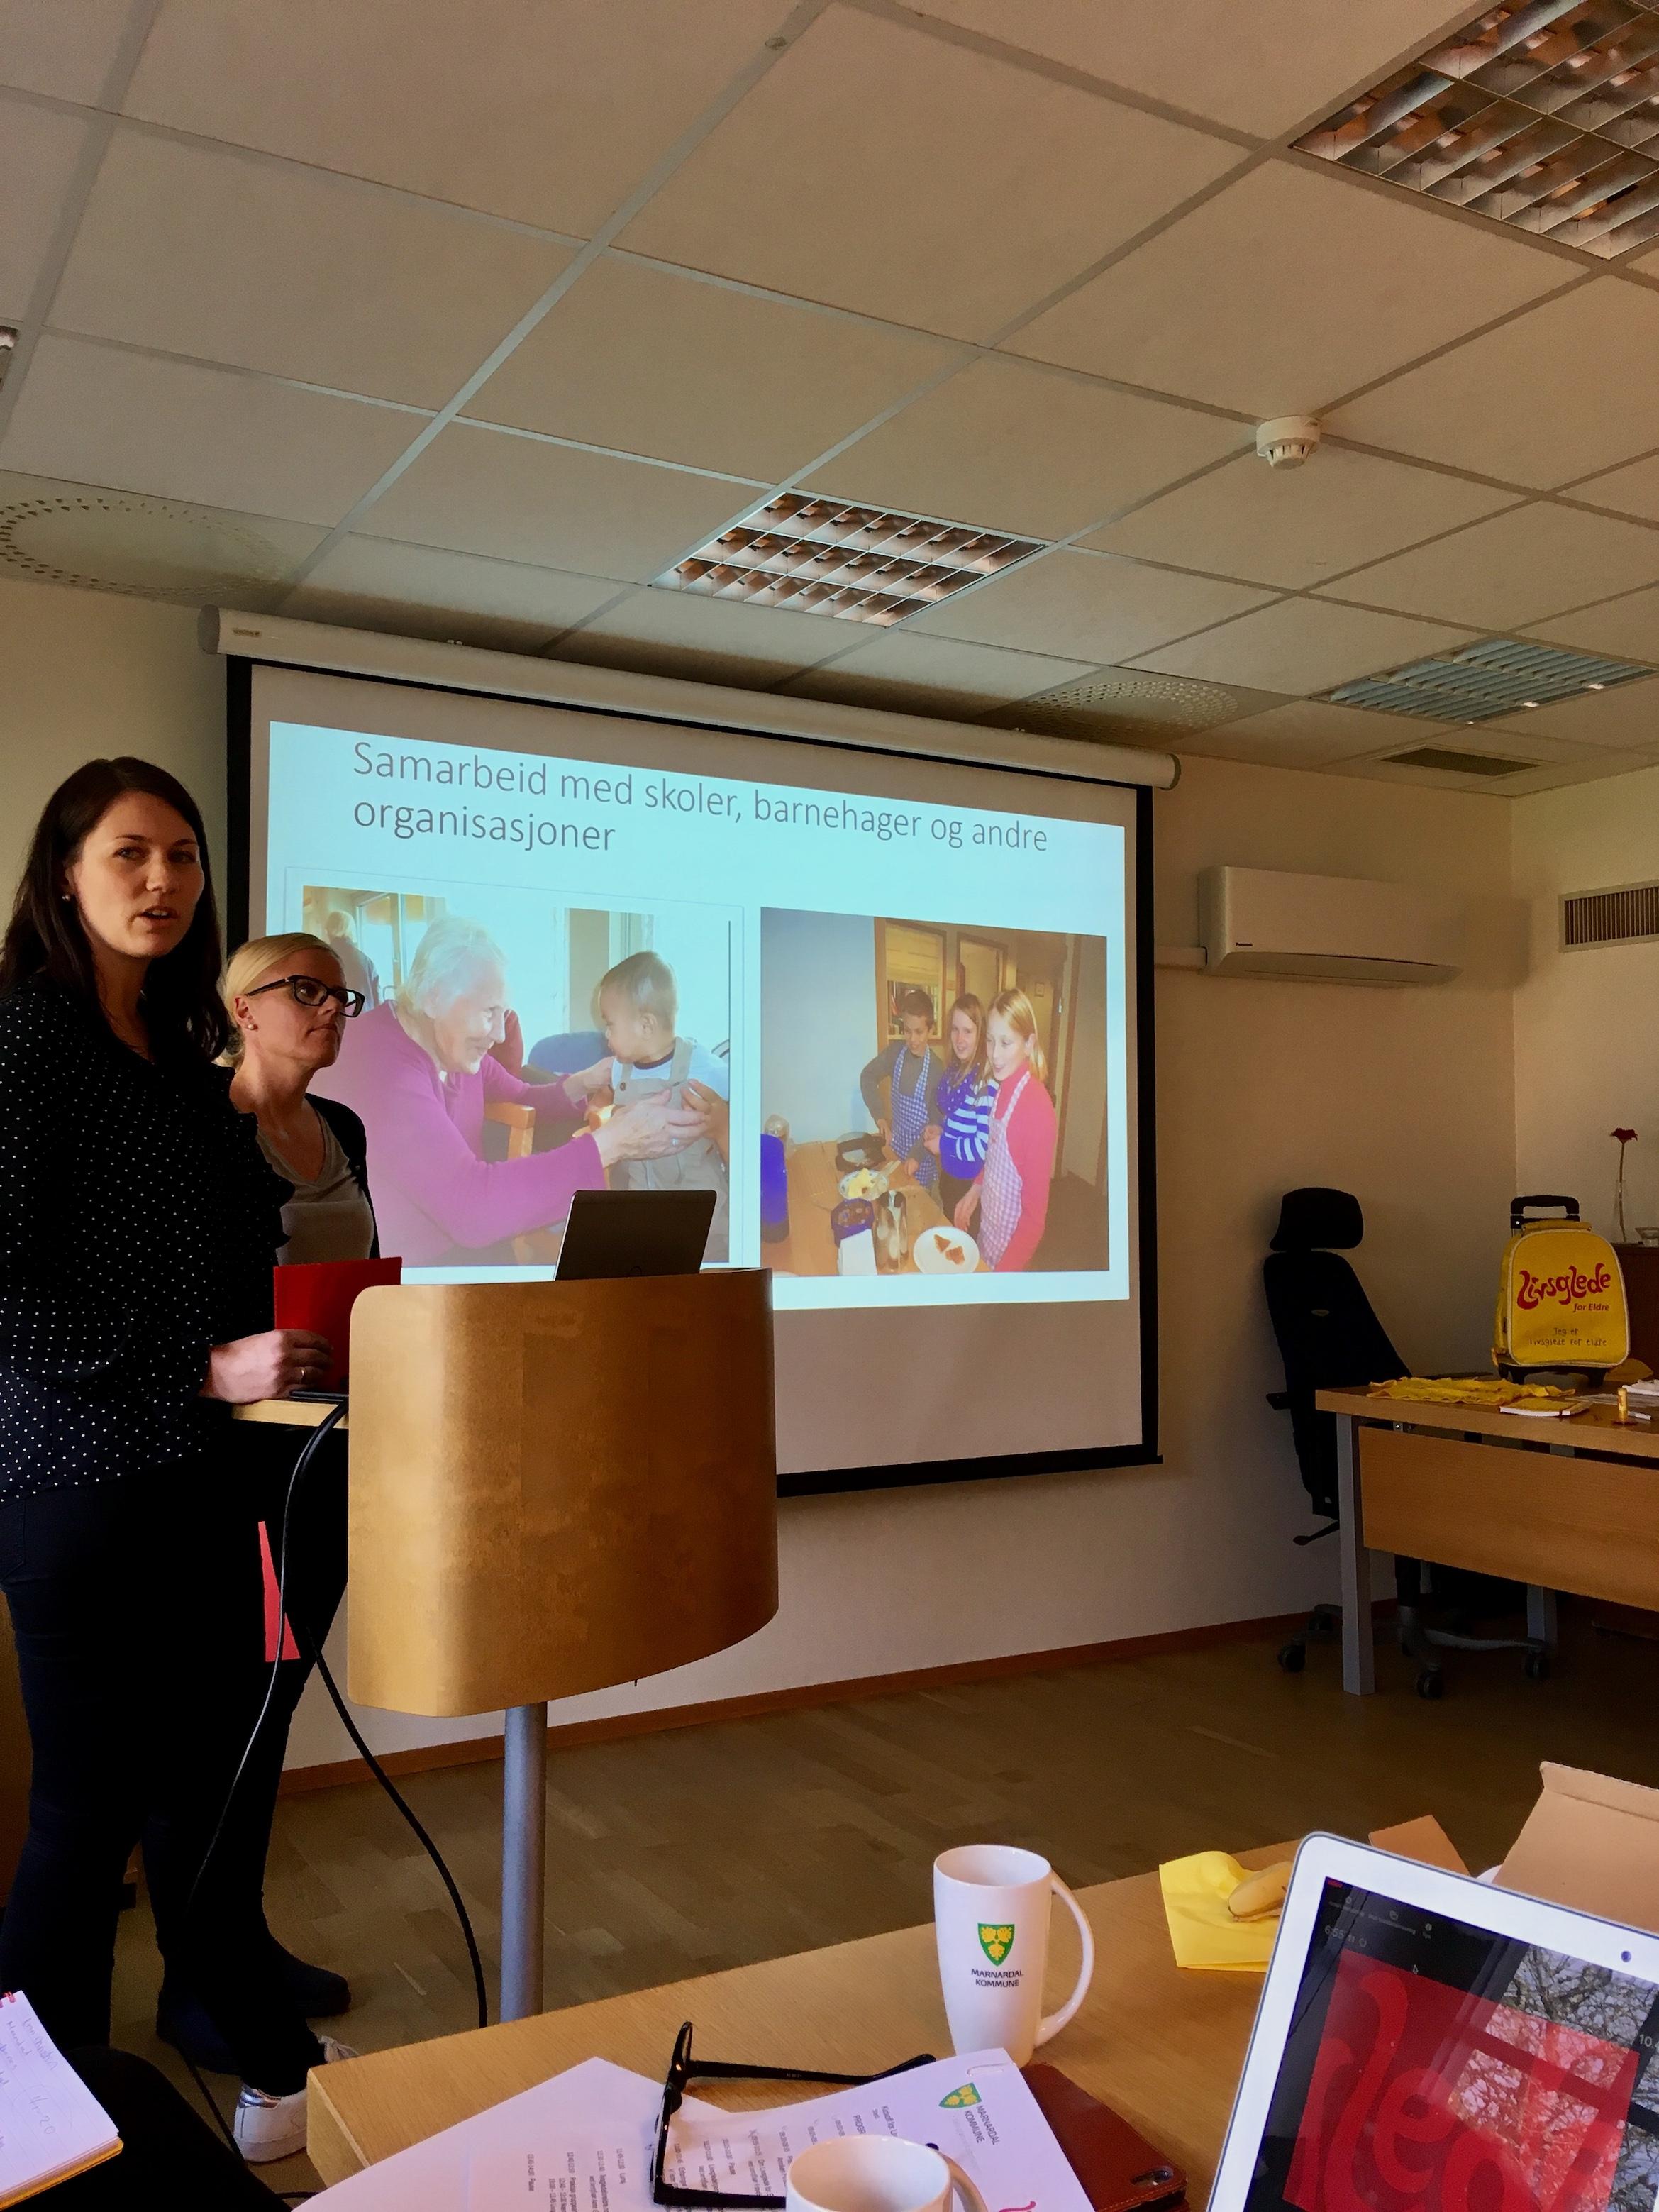 Ellen Gjulem Njåmo og Ingrid Hauge Bie fortalte om sine erfaringer fra Livsgledehjemmet Frivolltun bo- og omsorgssenter i Grimstad